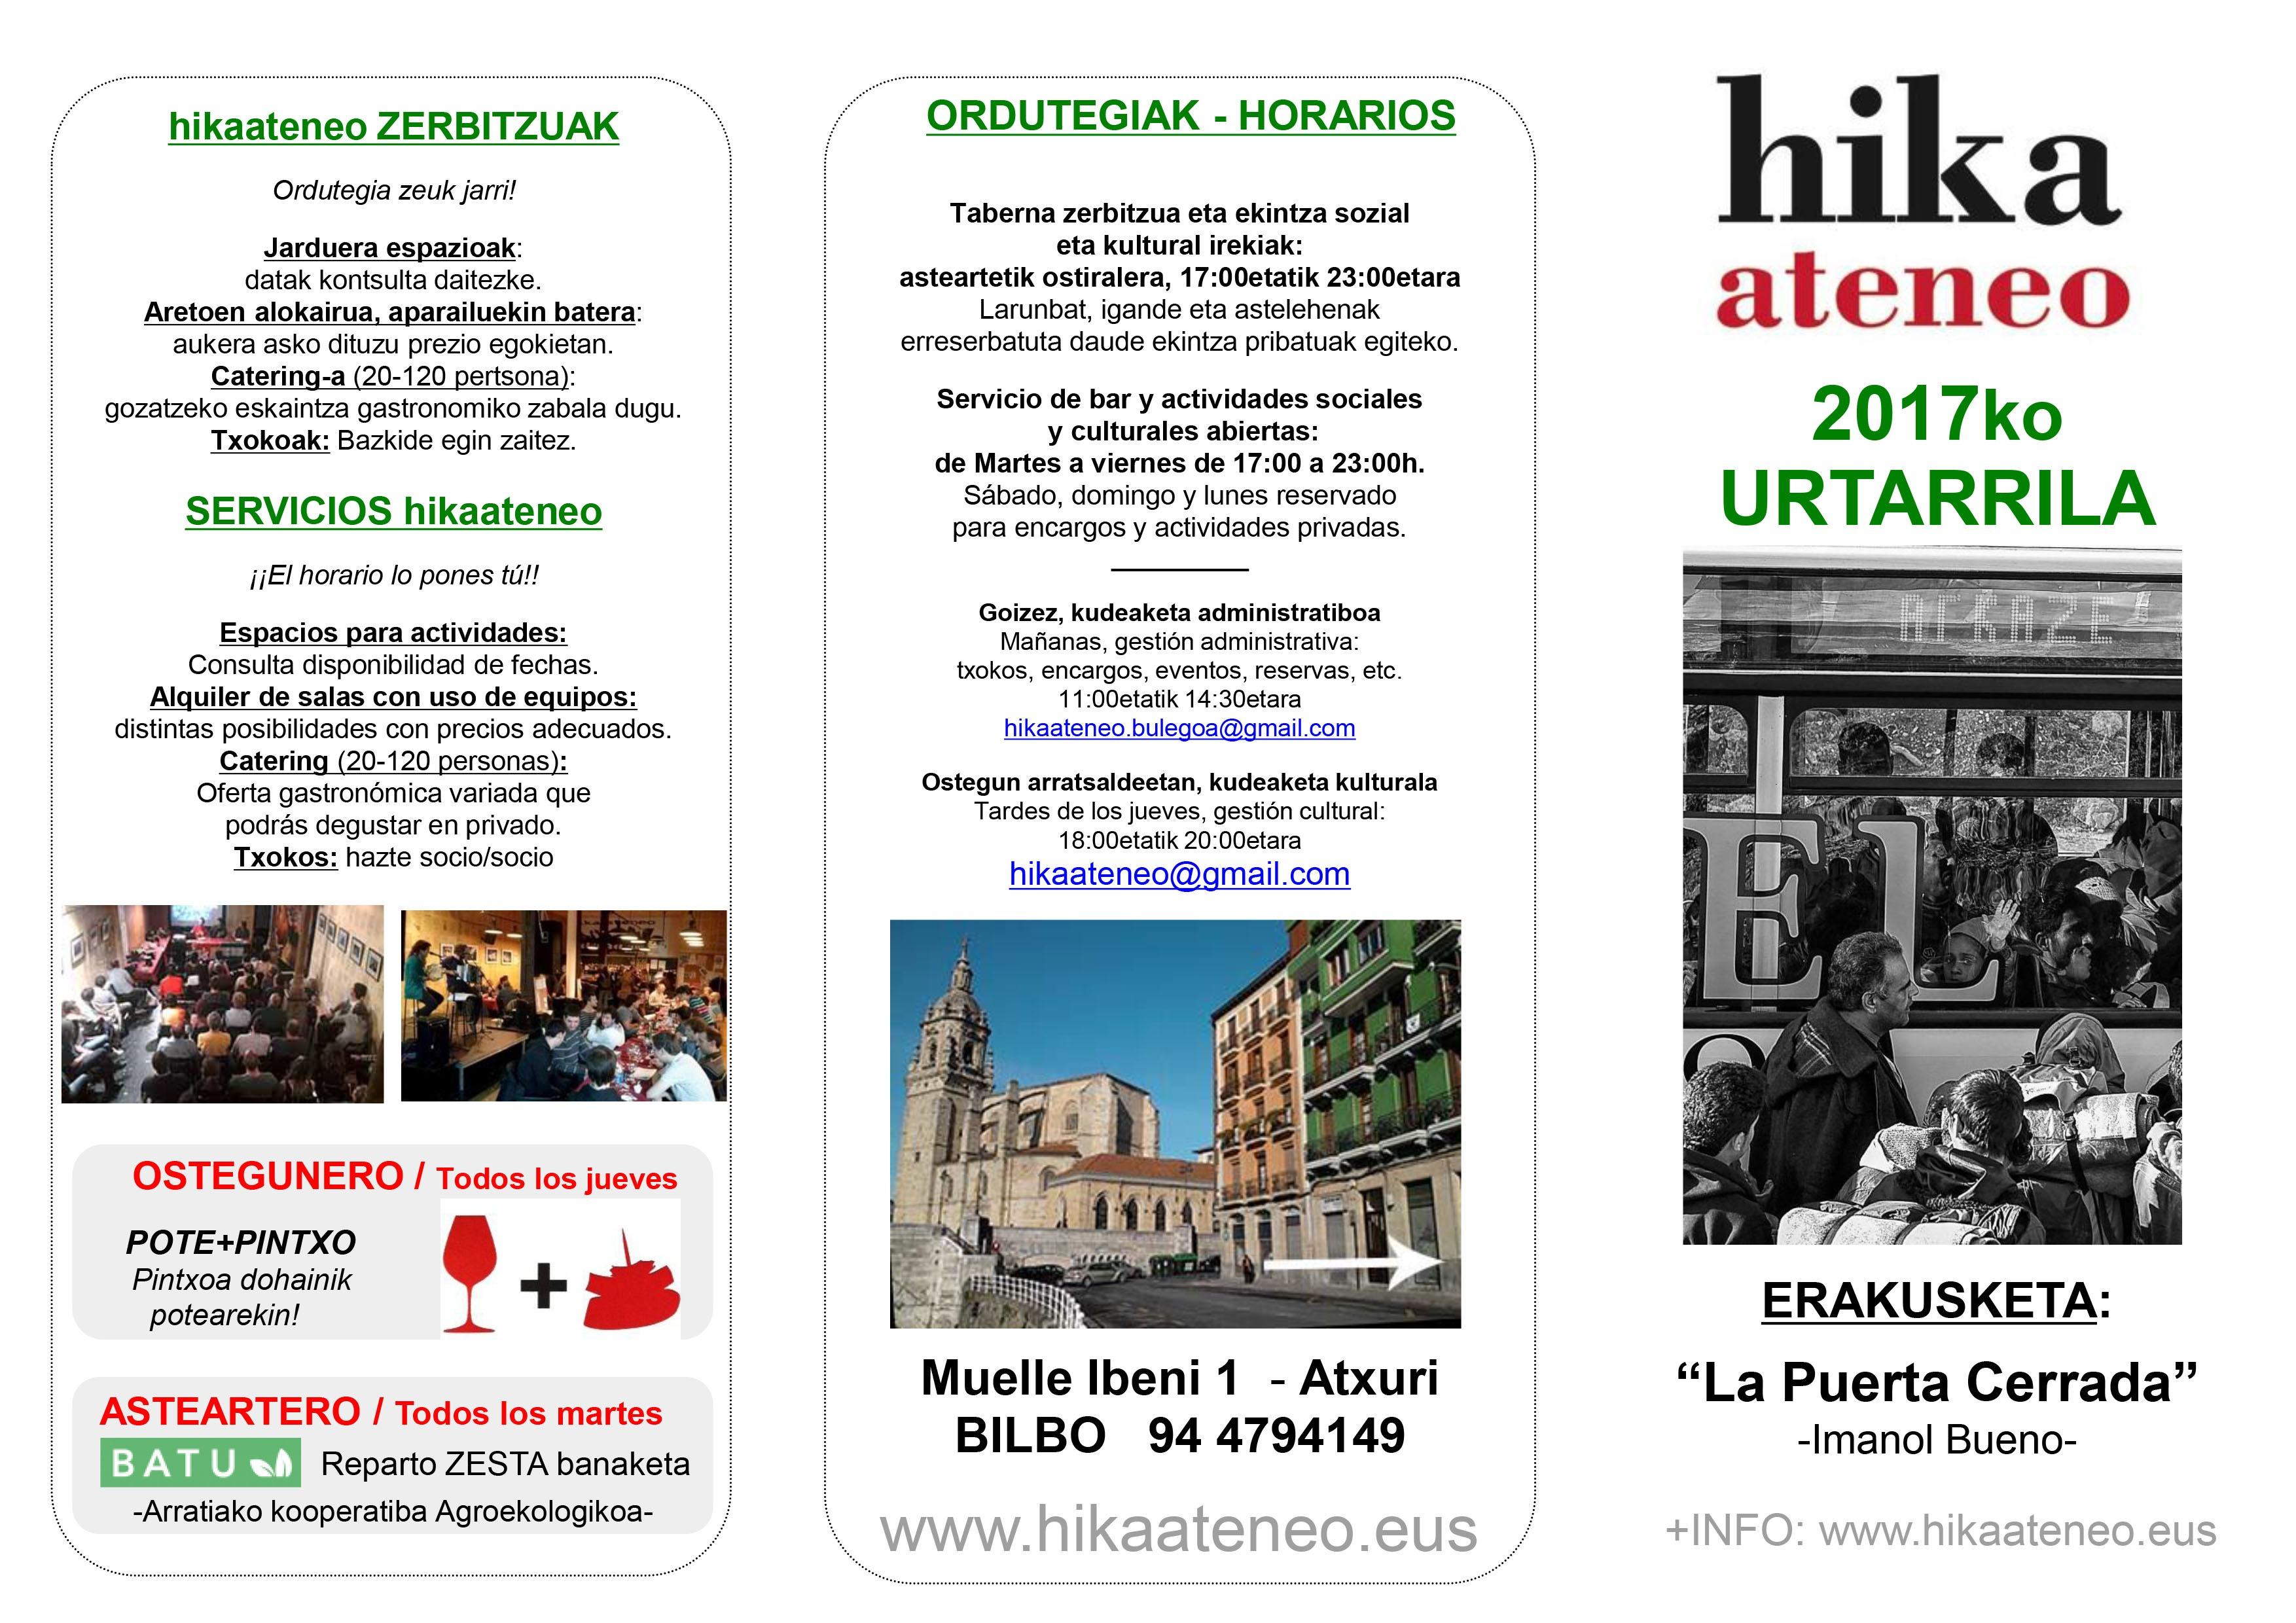 Agenda Hika Ateneo Bilbao Urtarrilak 2017 Enero